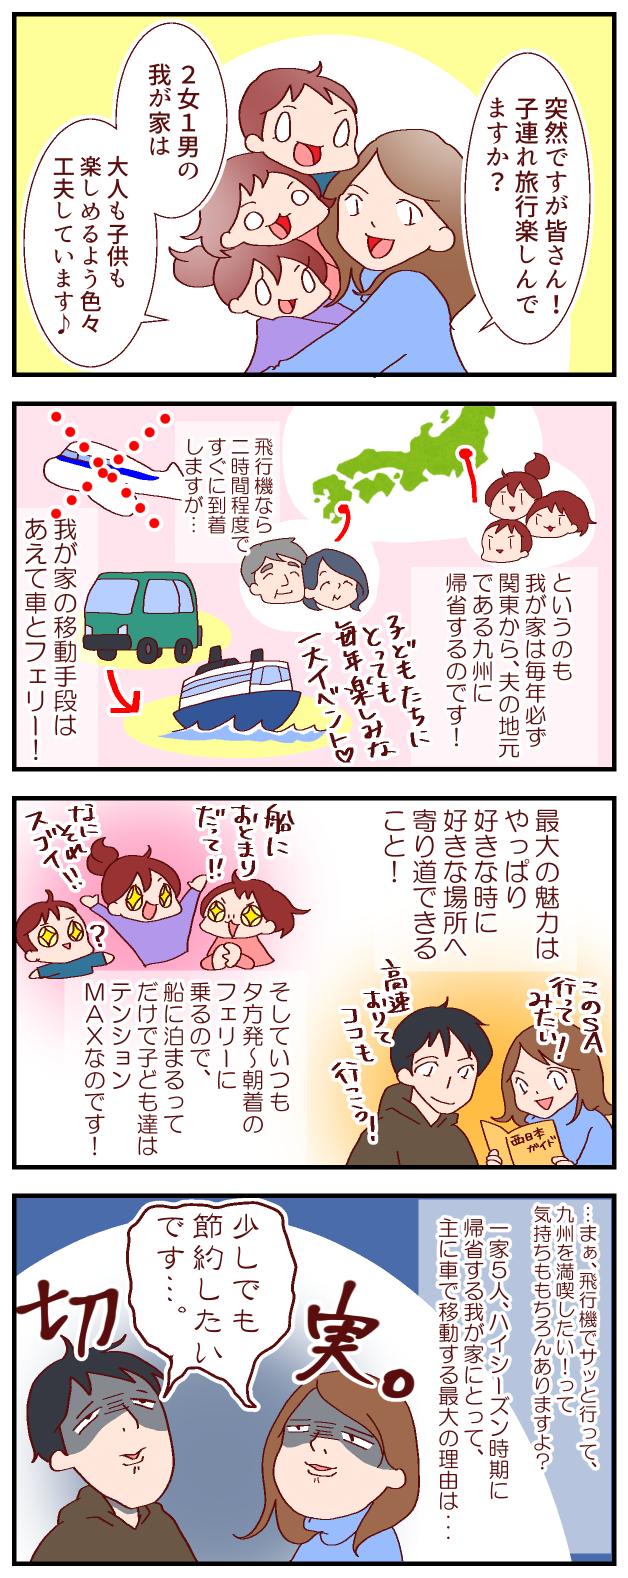 関東から九州への規制は車とフェリーで! その最大の理由は節約!